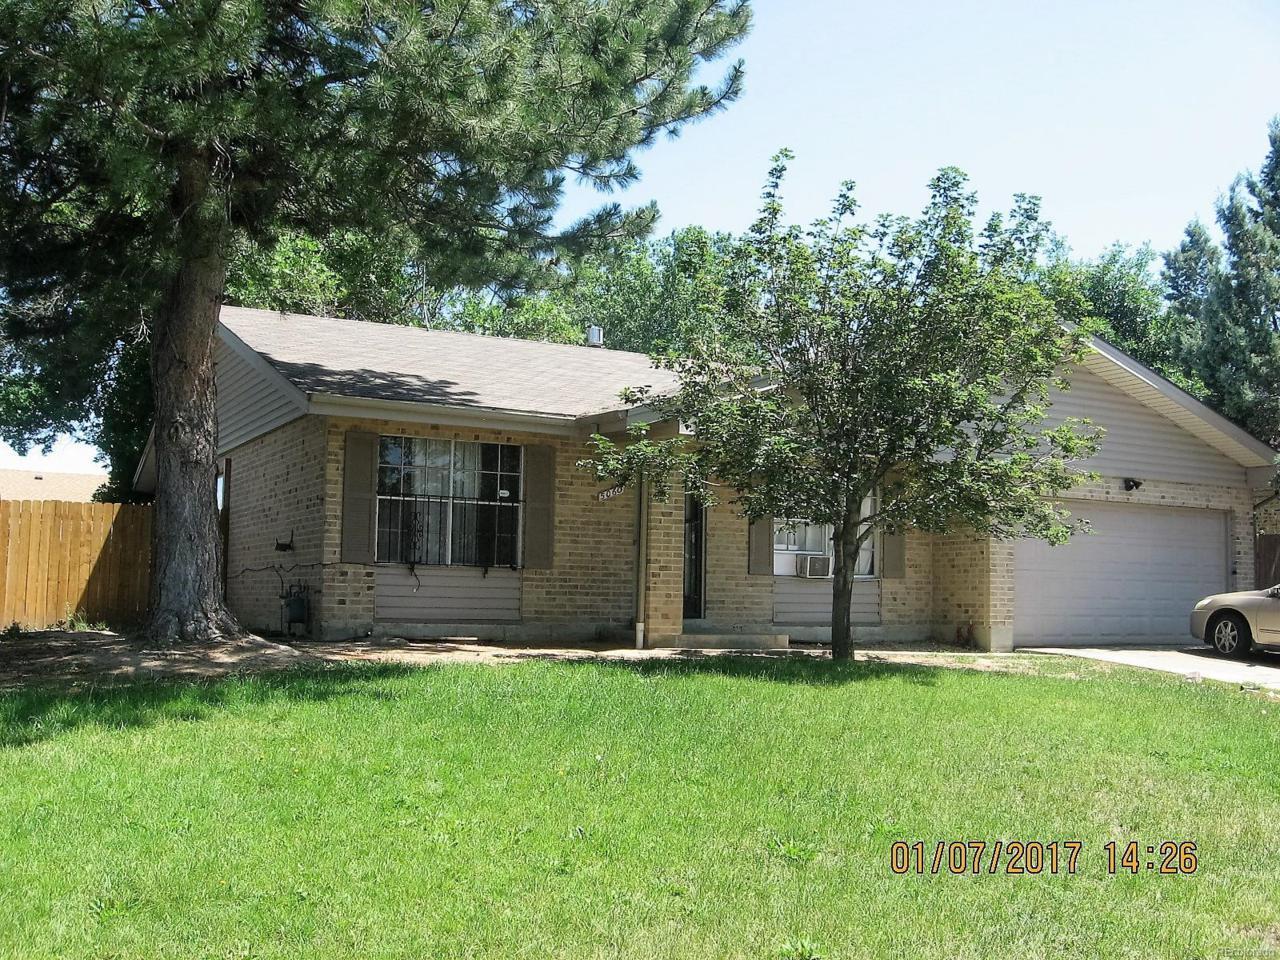 5060 Worchester Street, Denver, CO 80239 (MLS #8327380) :: 8z Real Estate